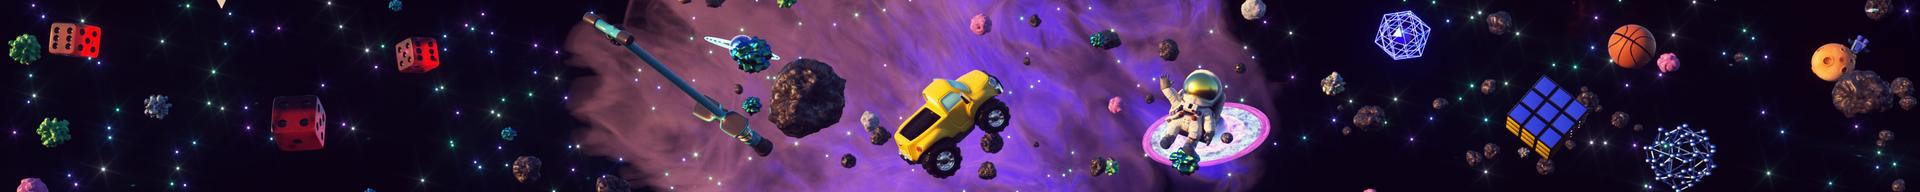 Toytopia_Space_Scene_withToys_sample2.pn